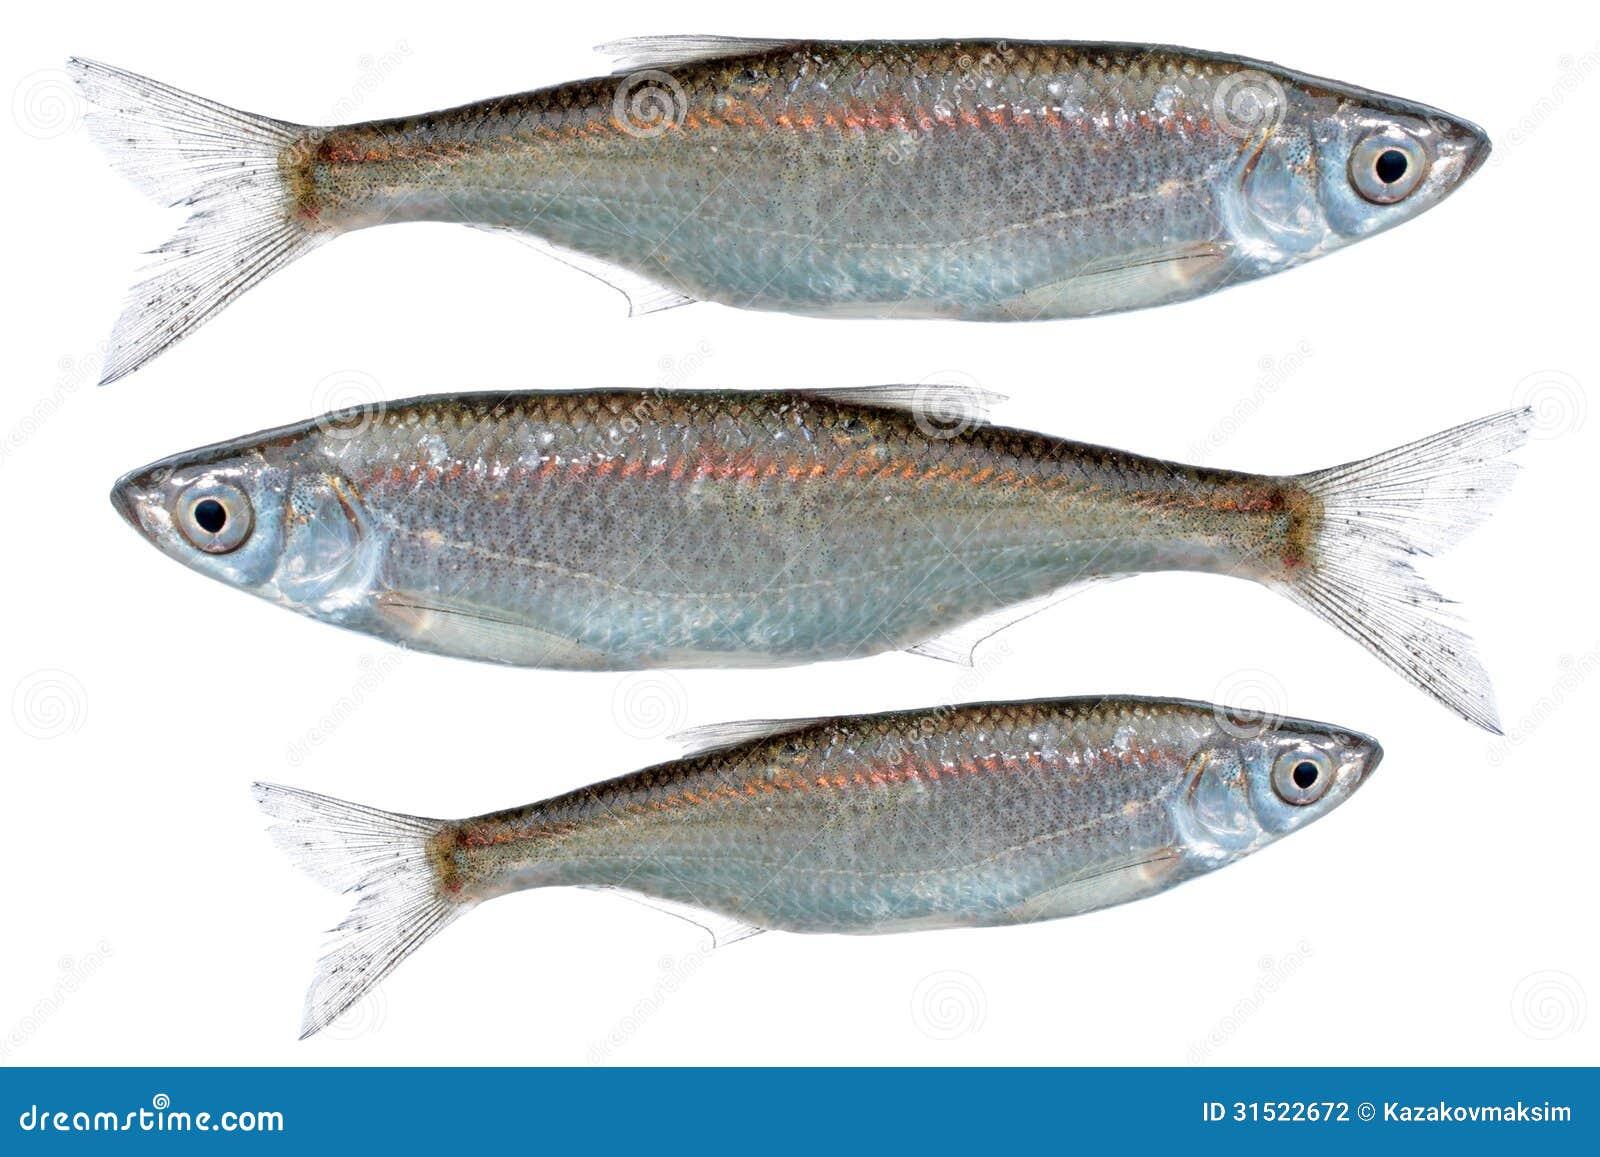 Common bleak alburnus alburnus stock photography image for Common freshwater fish